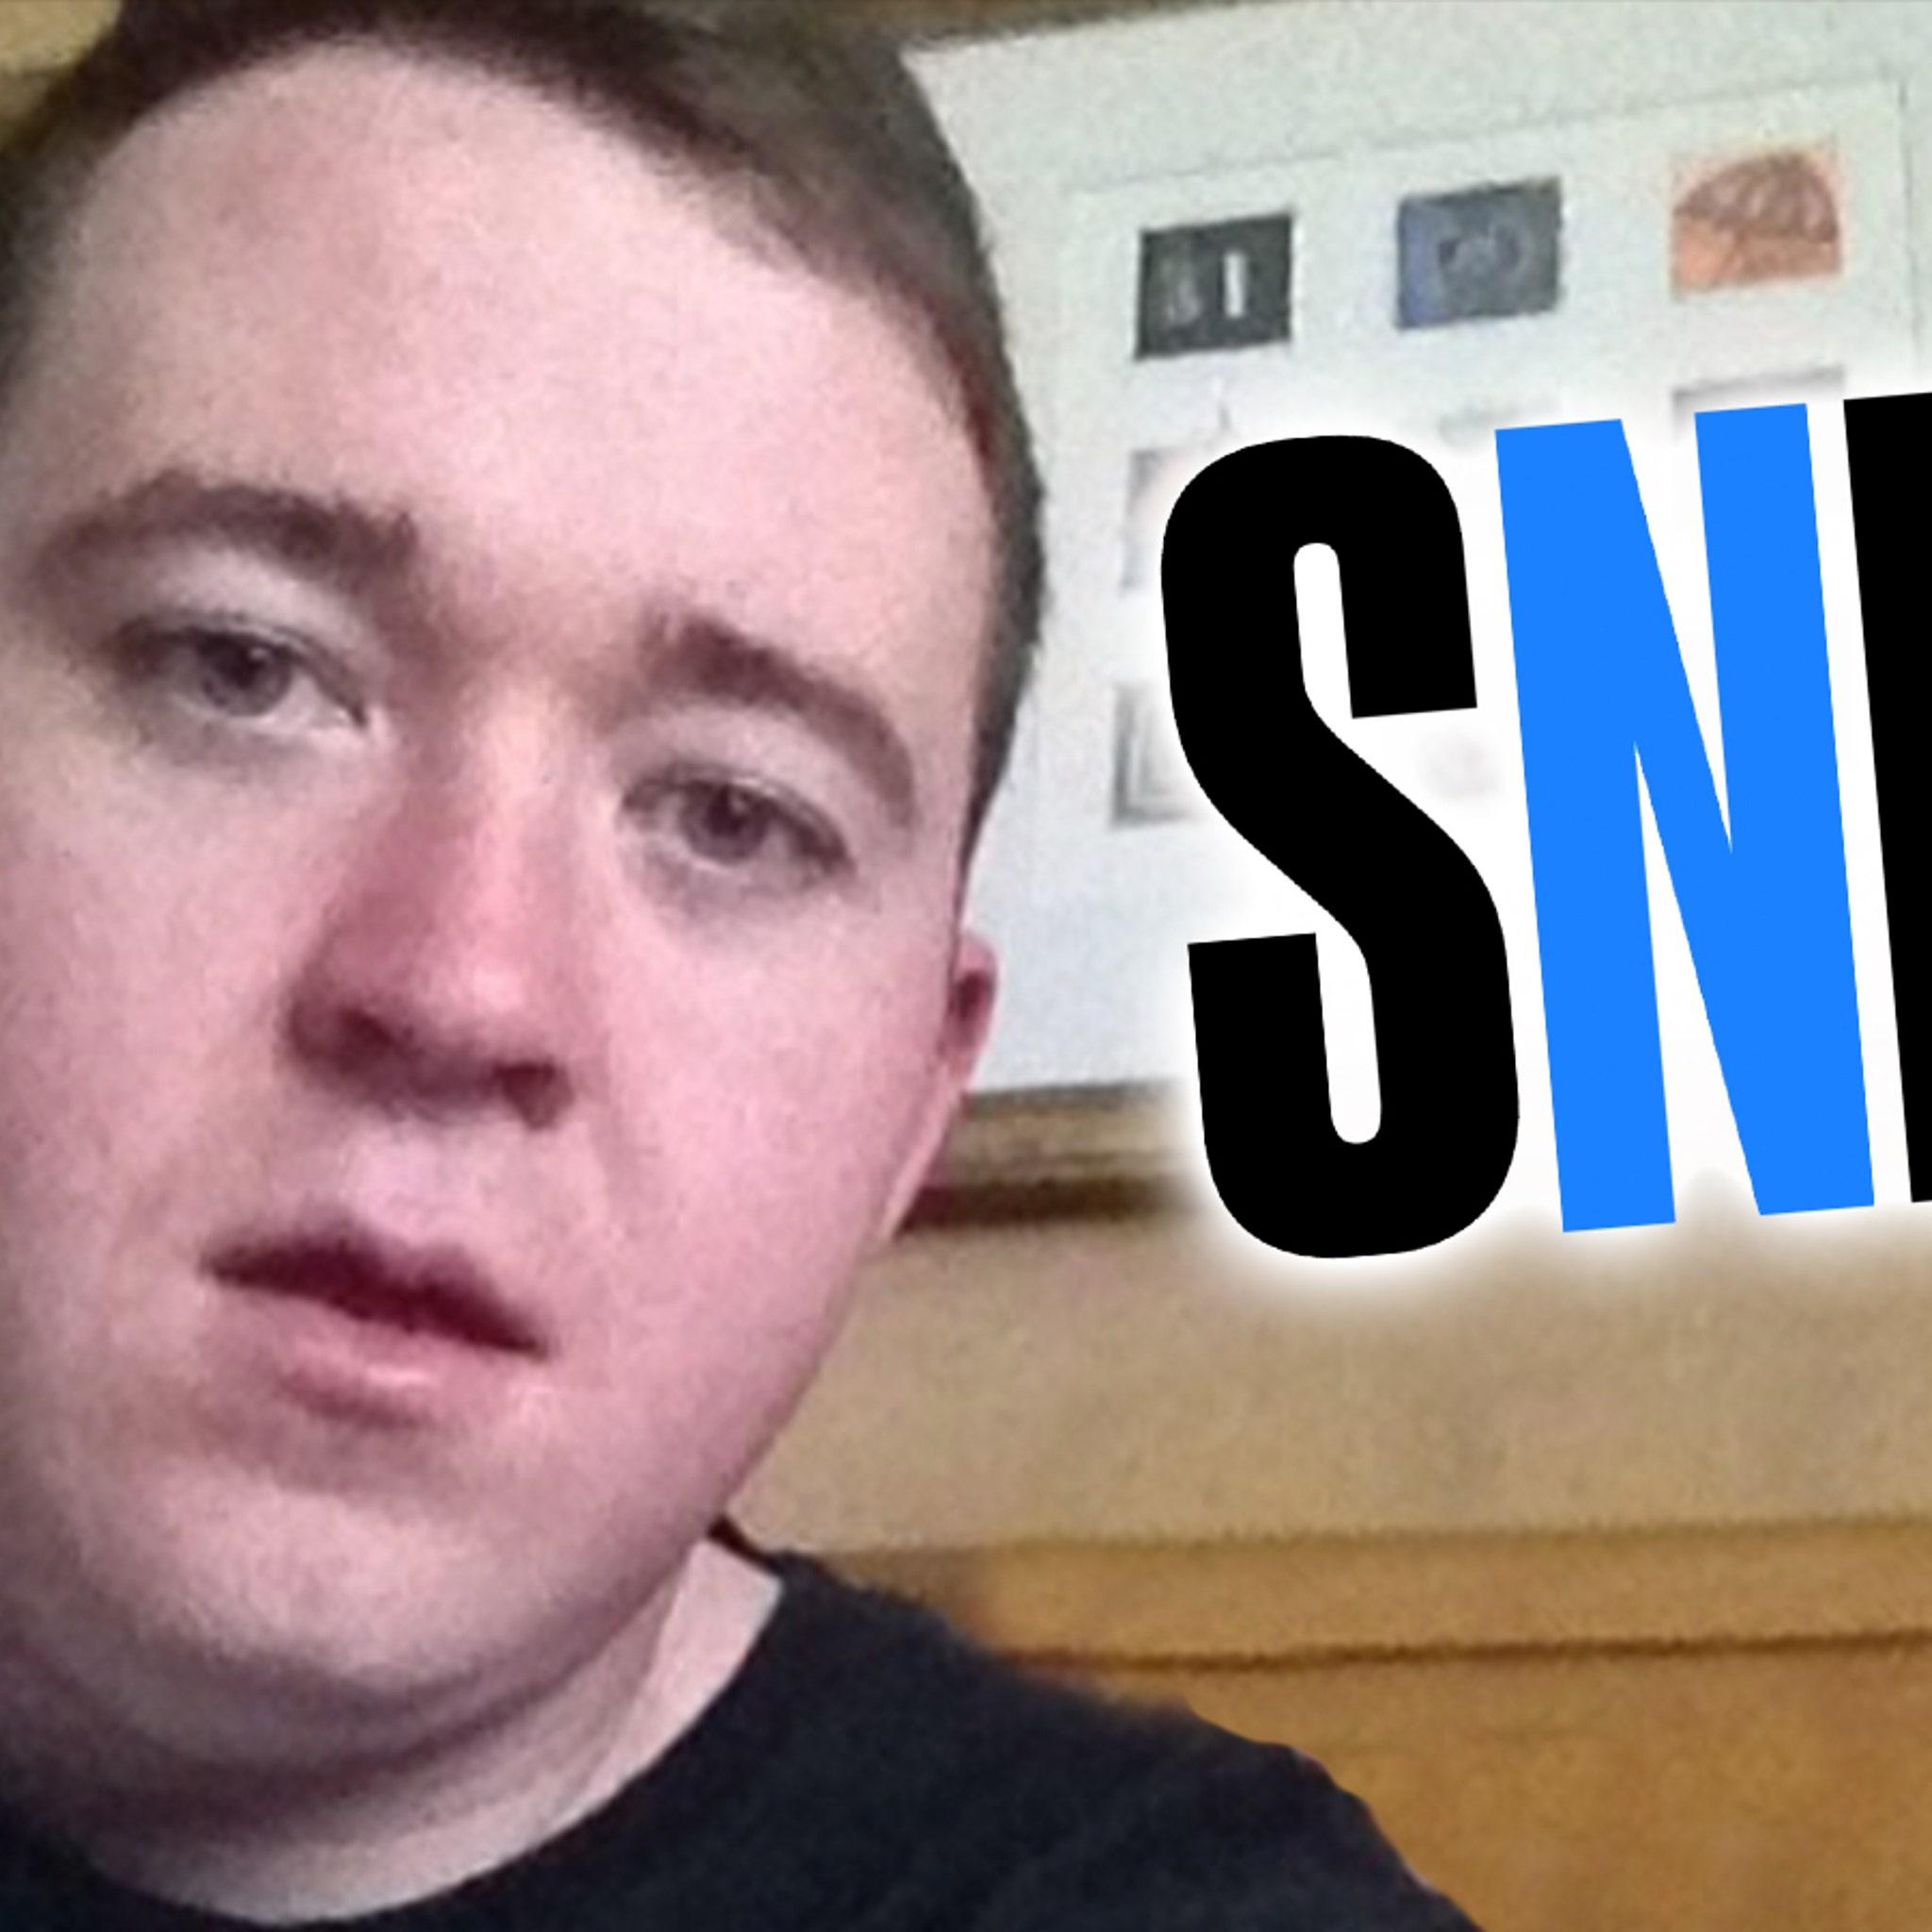 'SNL' Fires Shane Gillis After Racist Asian Jokes, He Responds